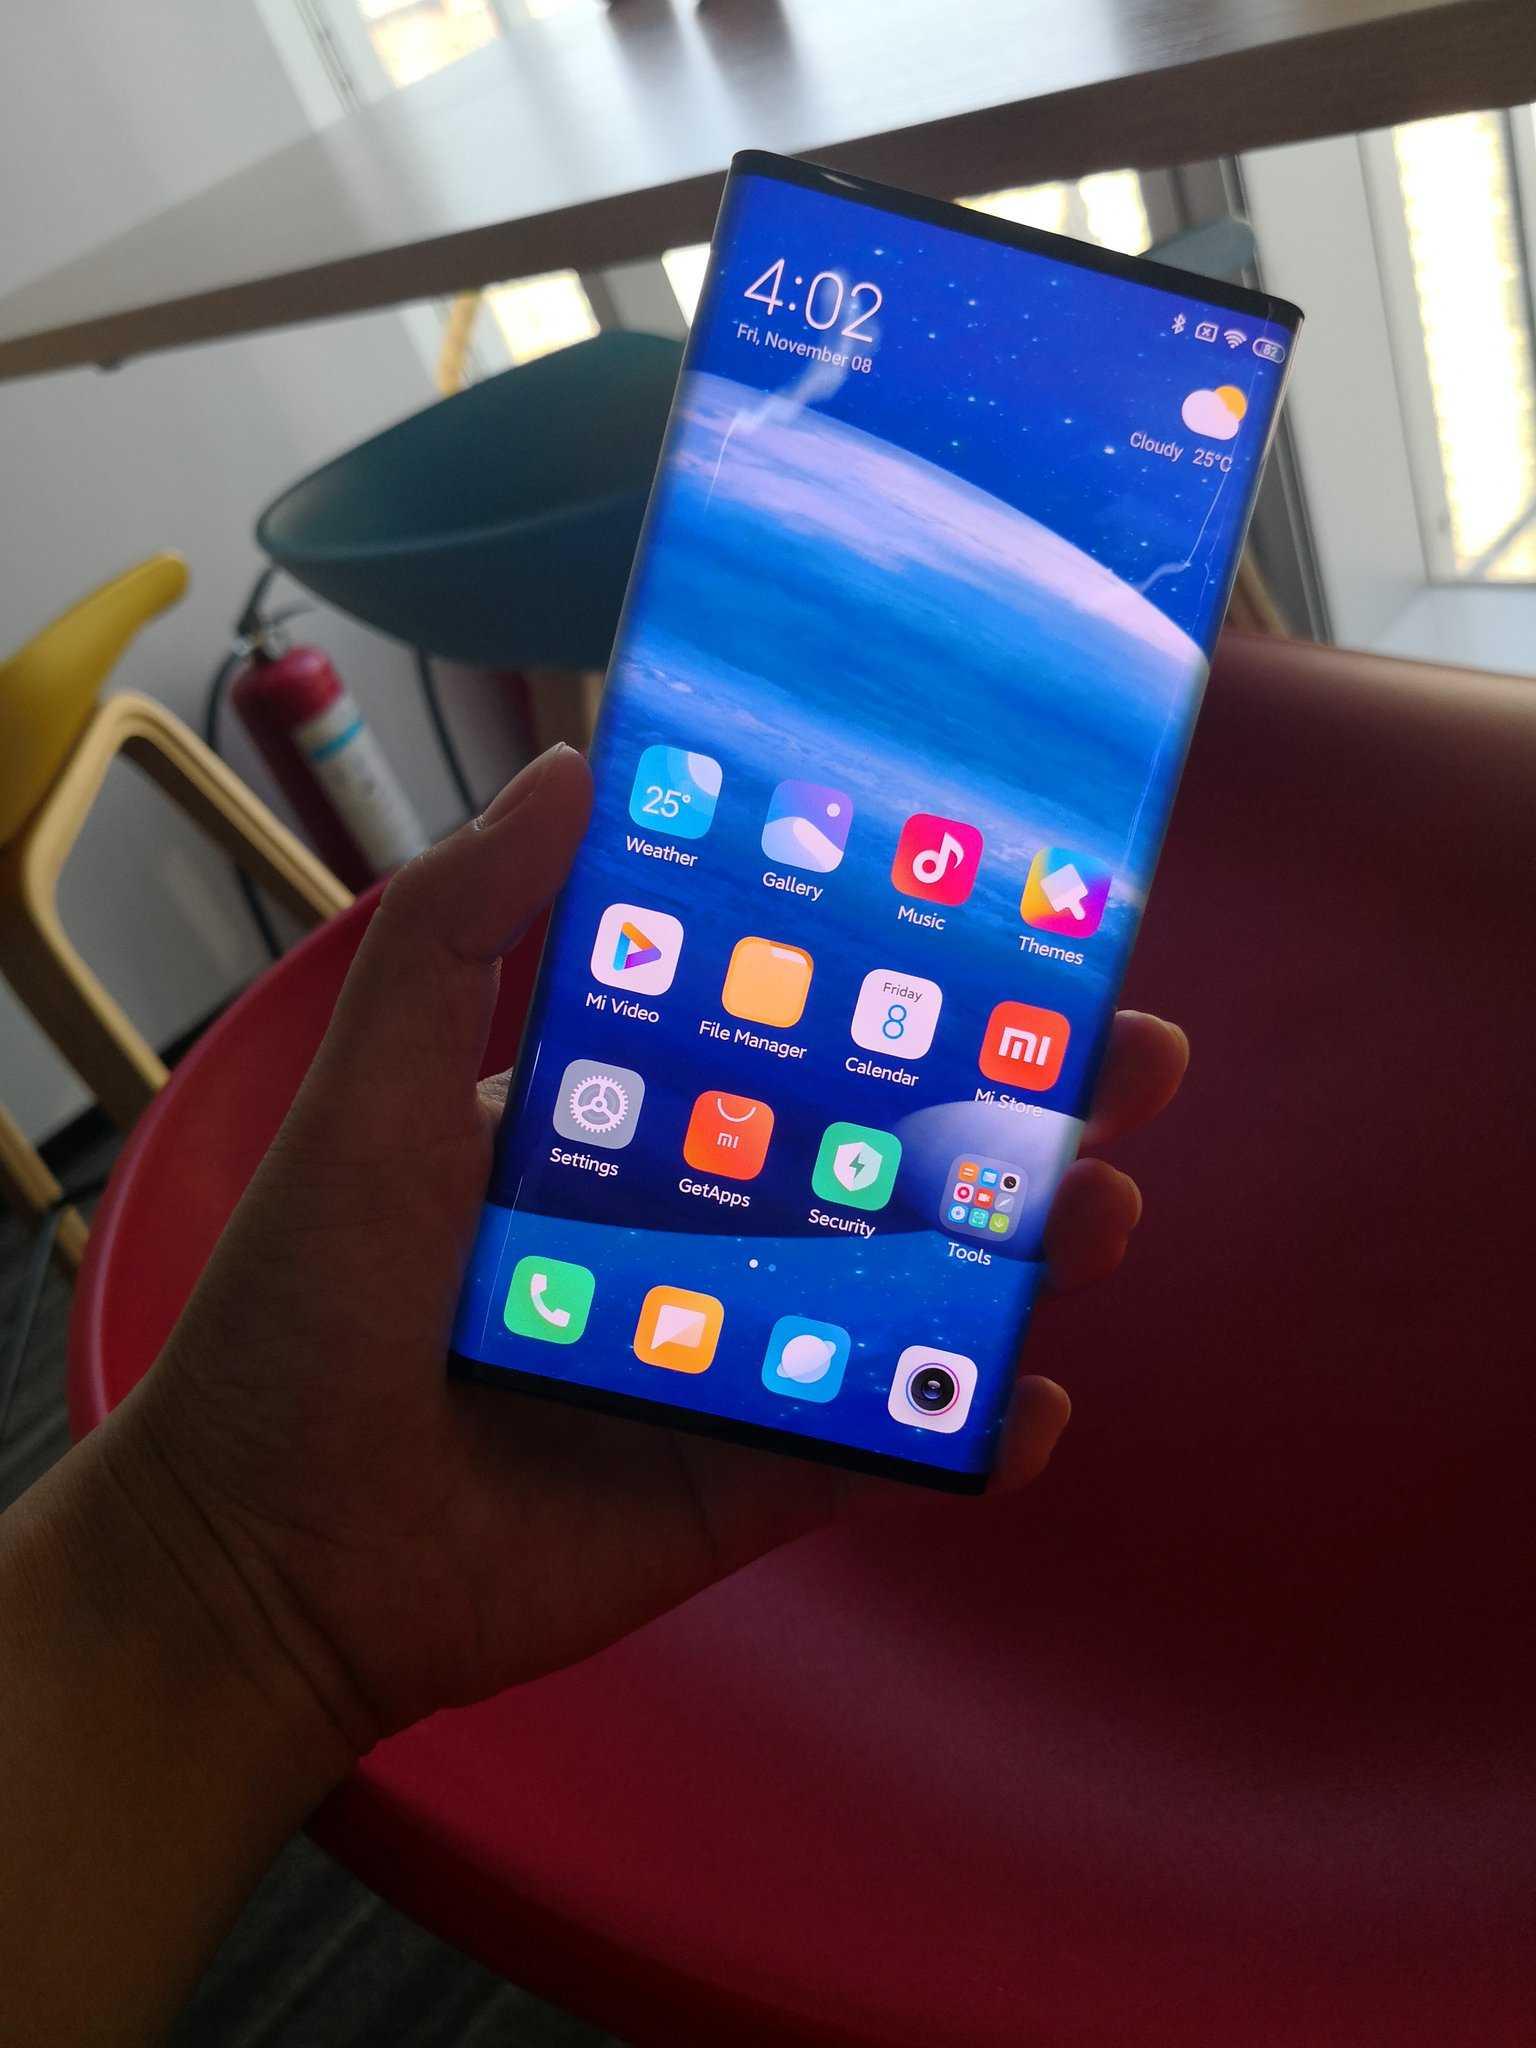 Xiaomi mi note 10: первый смартфон со 108-мегапиксельной матрицей / мобильные устройства / новости фототехники